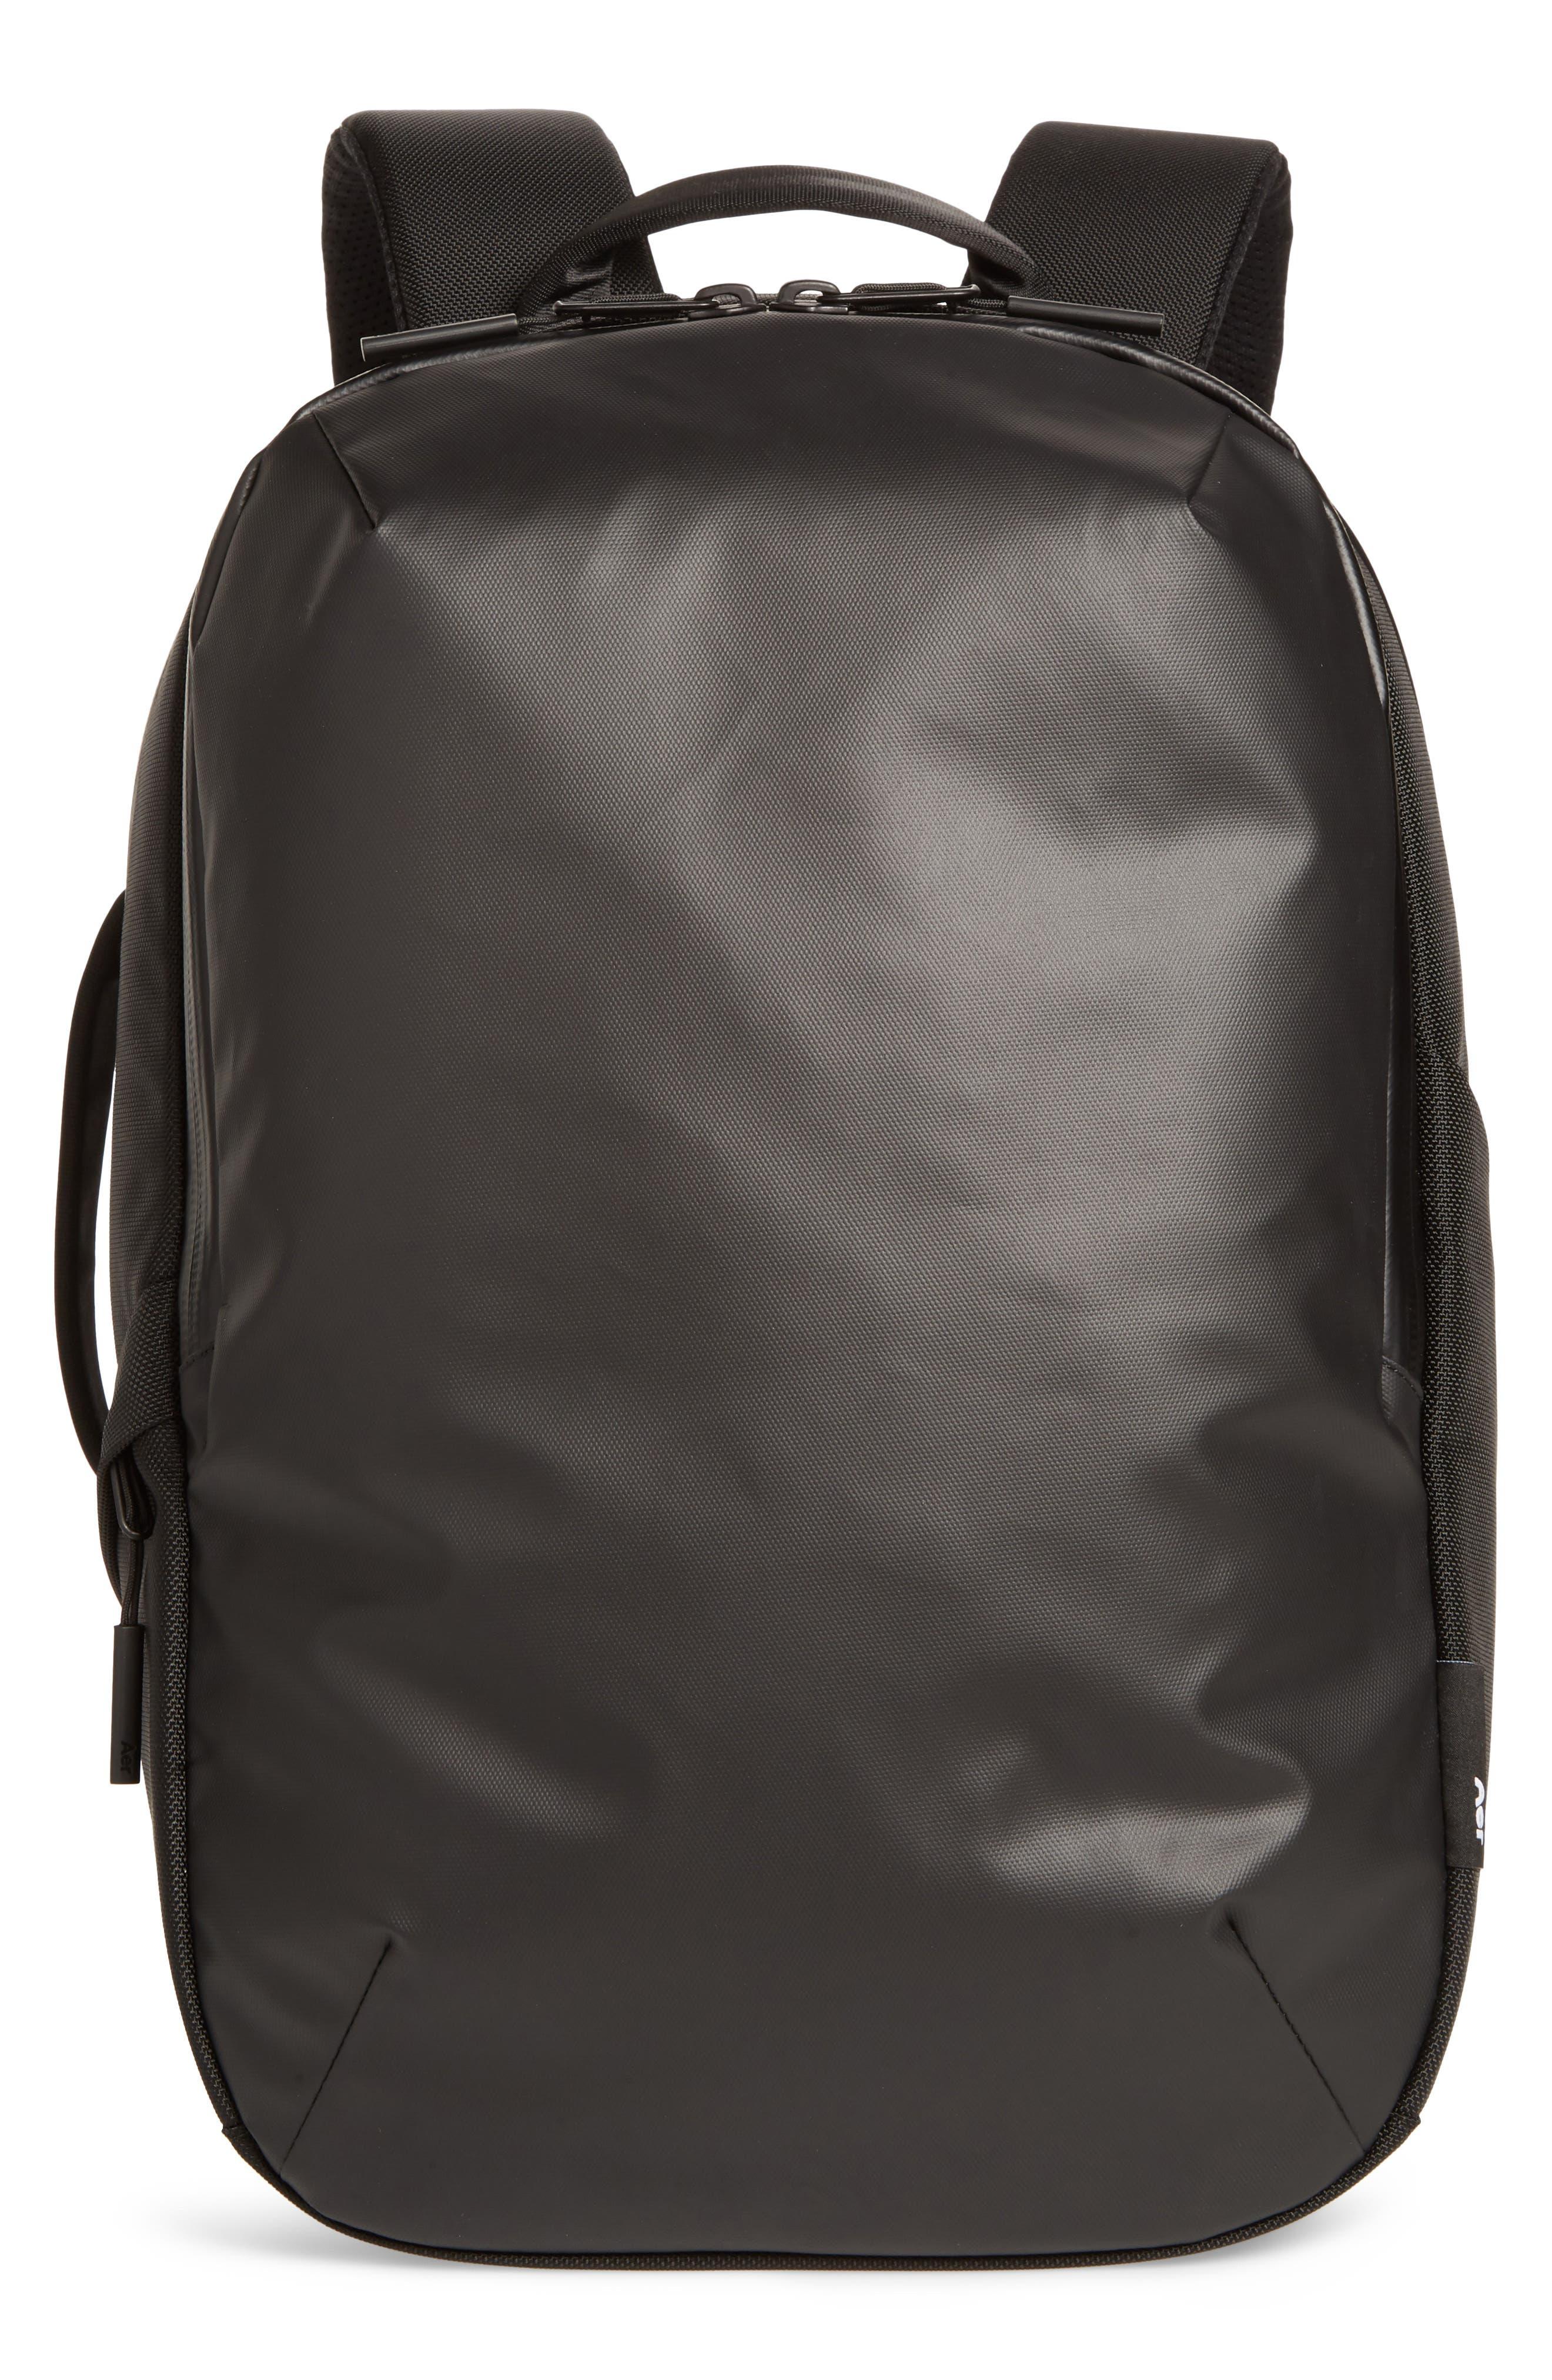 Tech Backpack,                             Main thumbnail 1, color,                             001